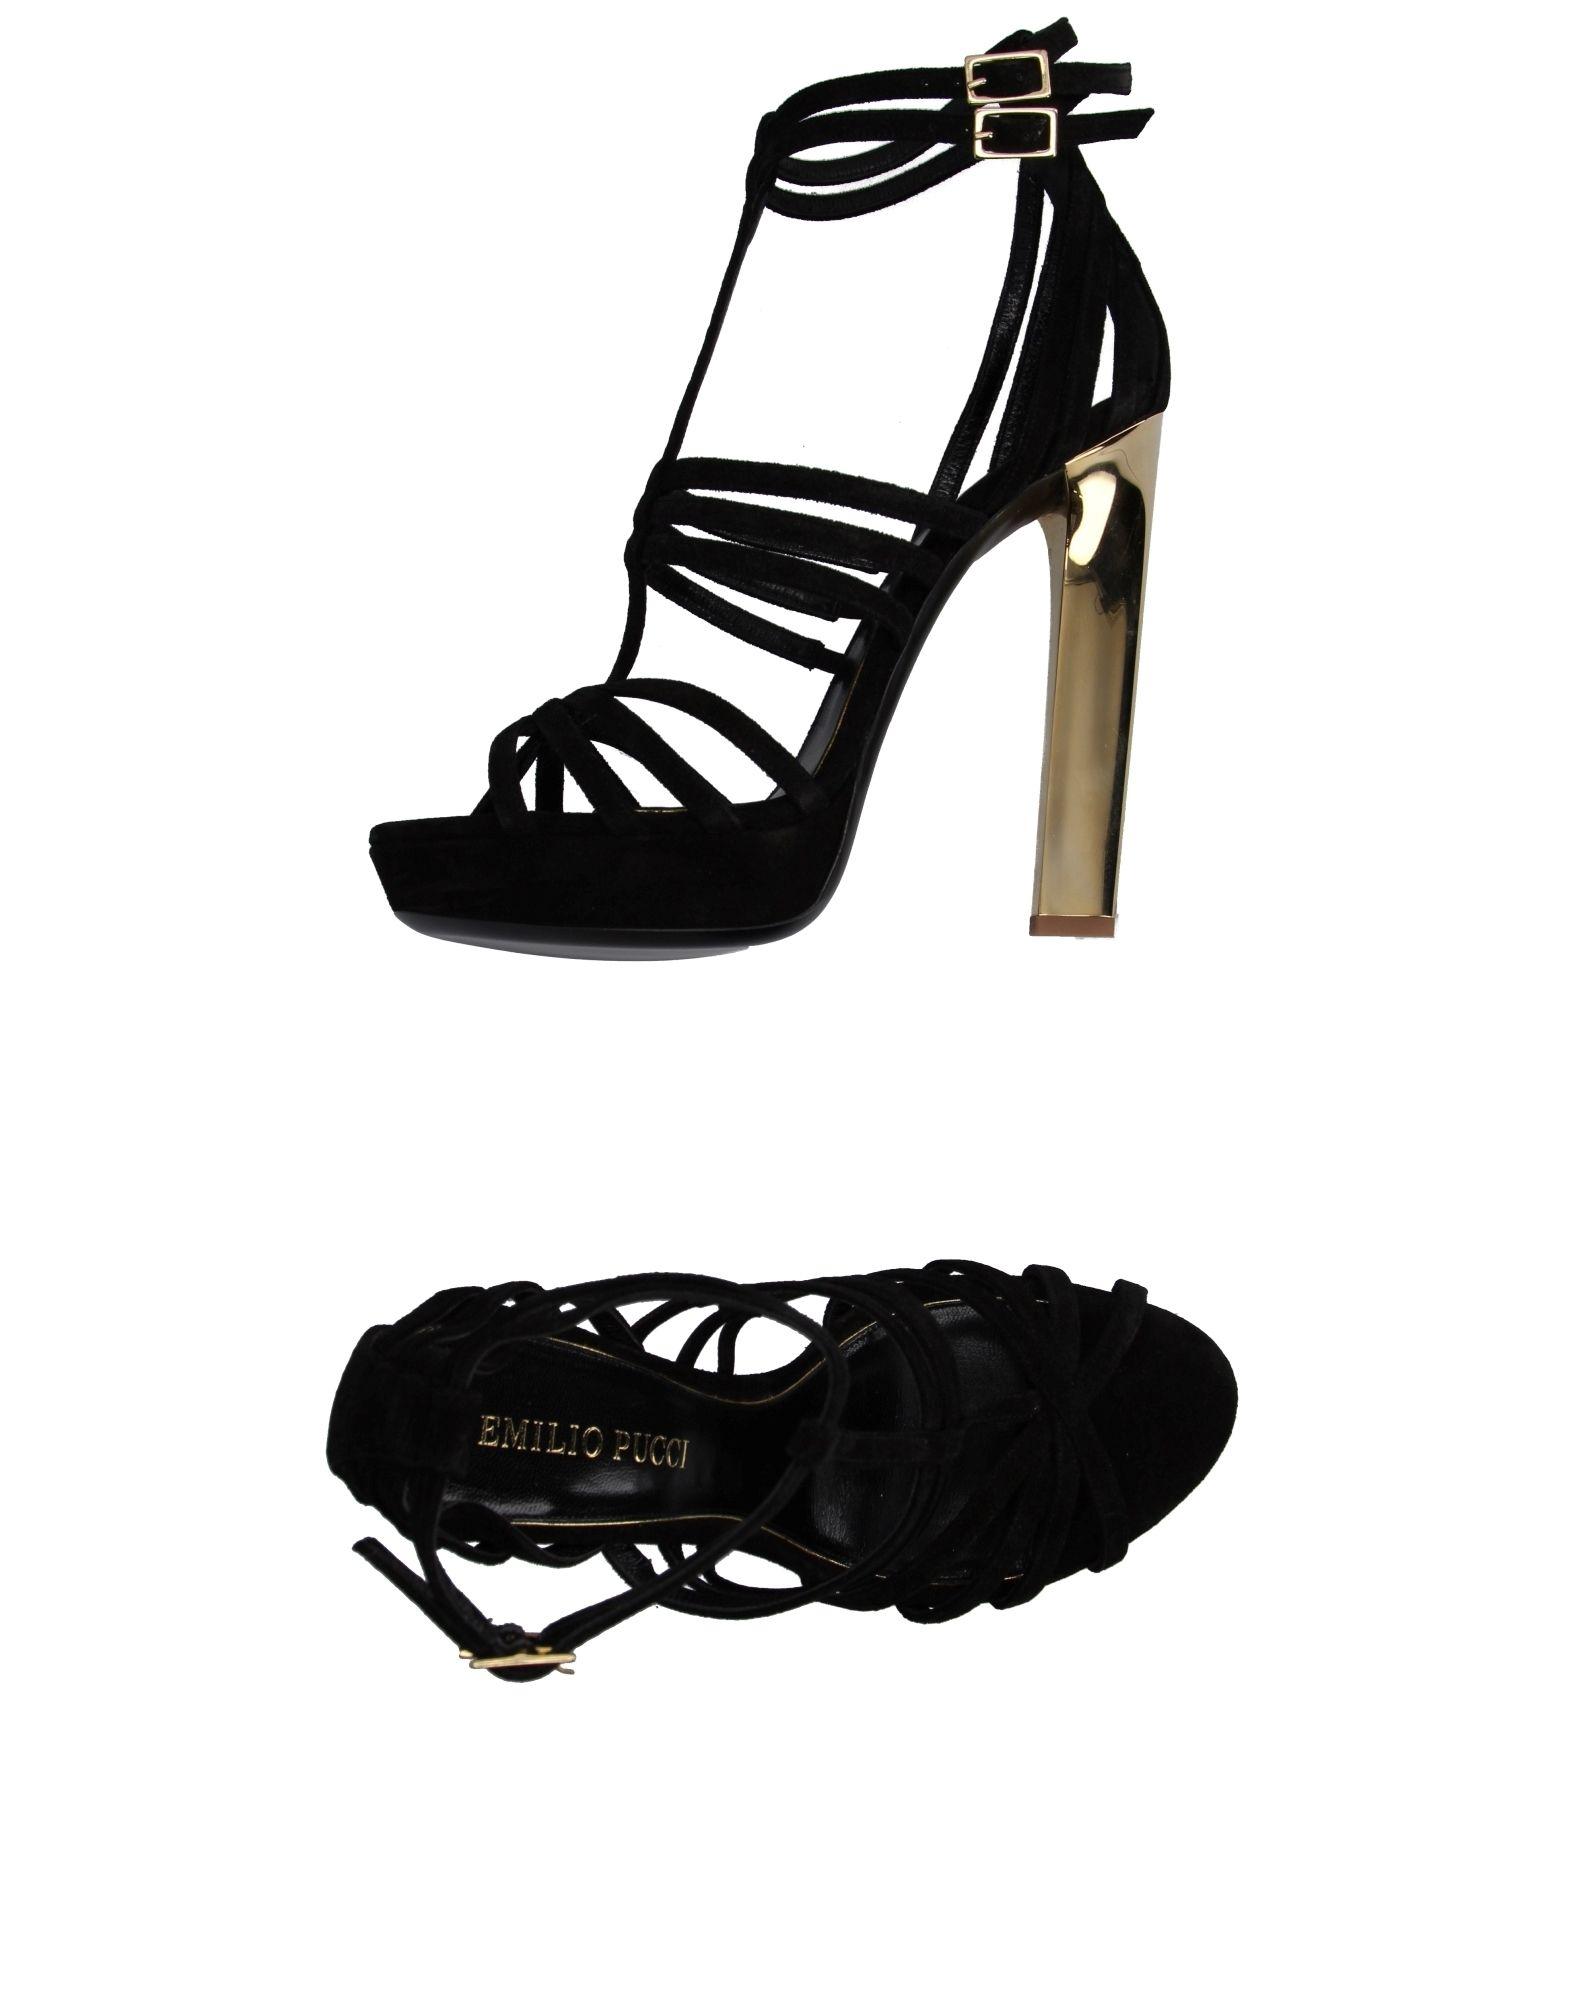 Emilio Pucci Sandalen Damen Schuhe  11076378DRGünstige gut aussehende Schuhe Damen fd350c